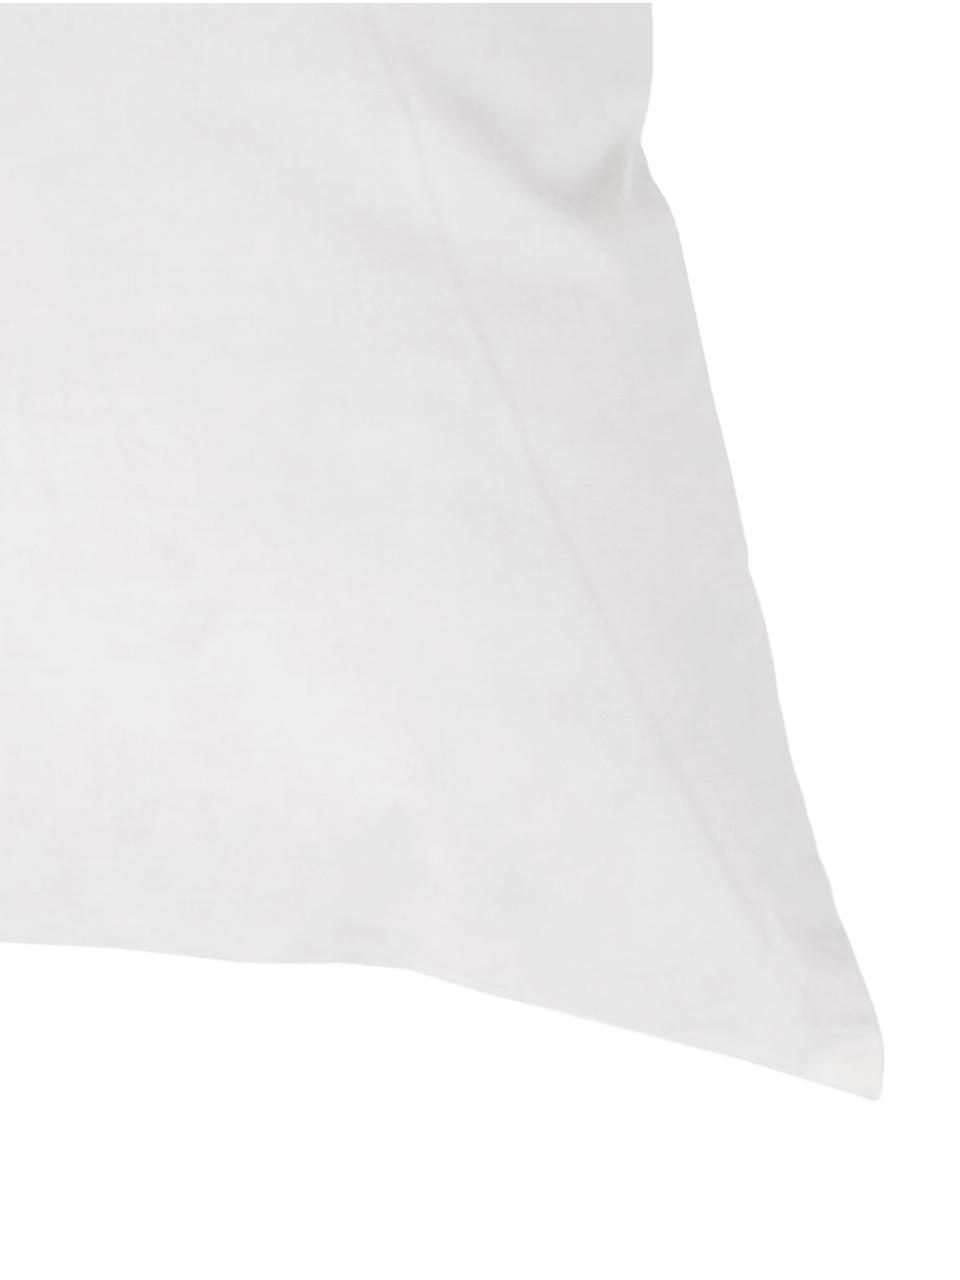 Sierkussenvulling Komfort, 45 x 45, Wit, 45 x 45 cm